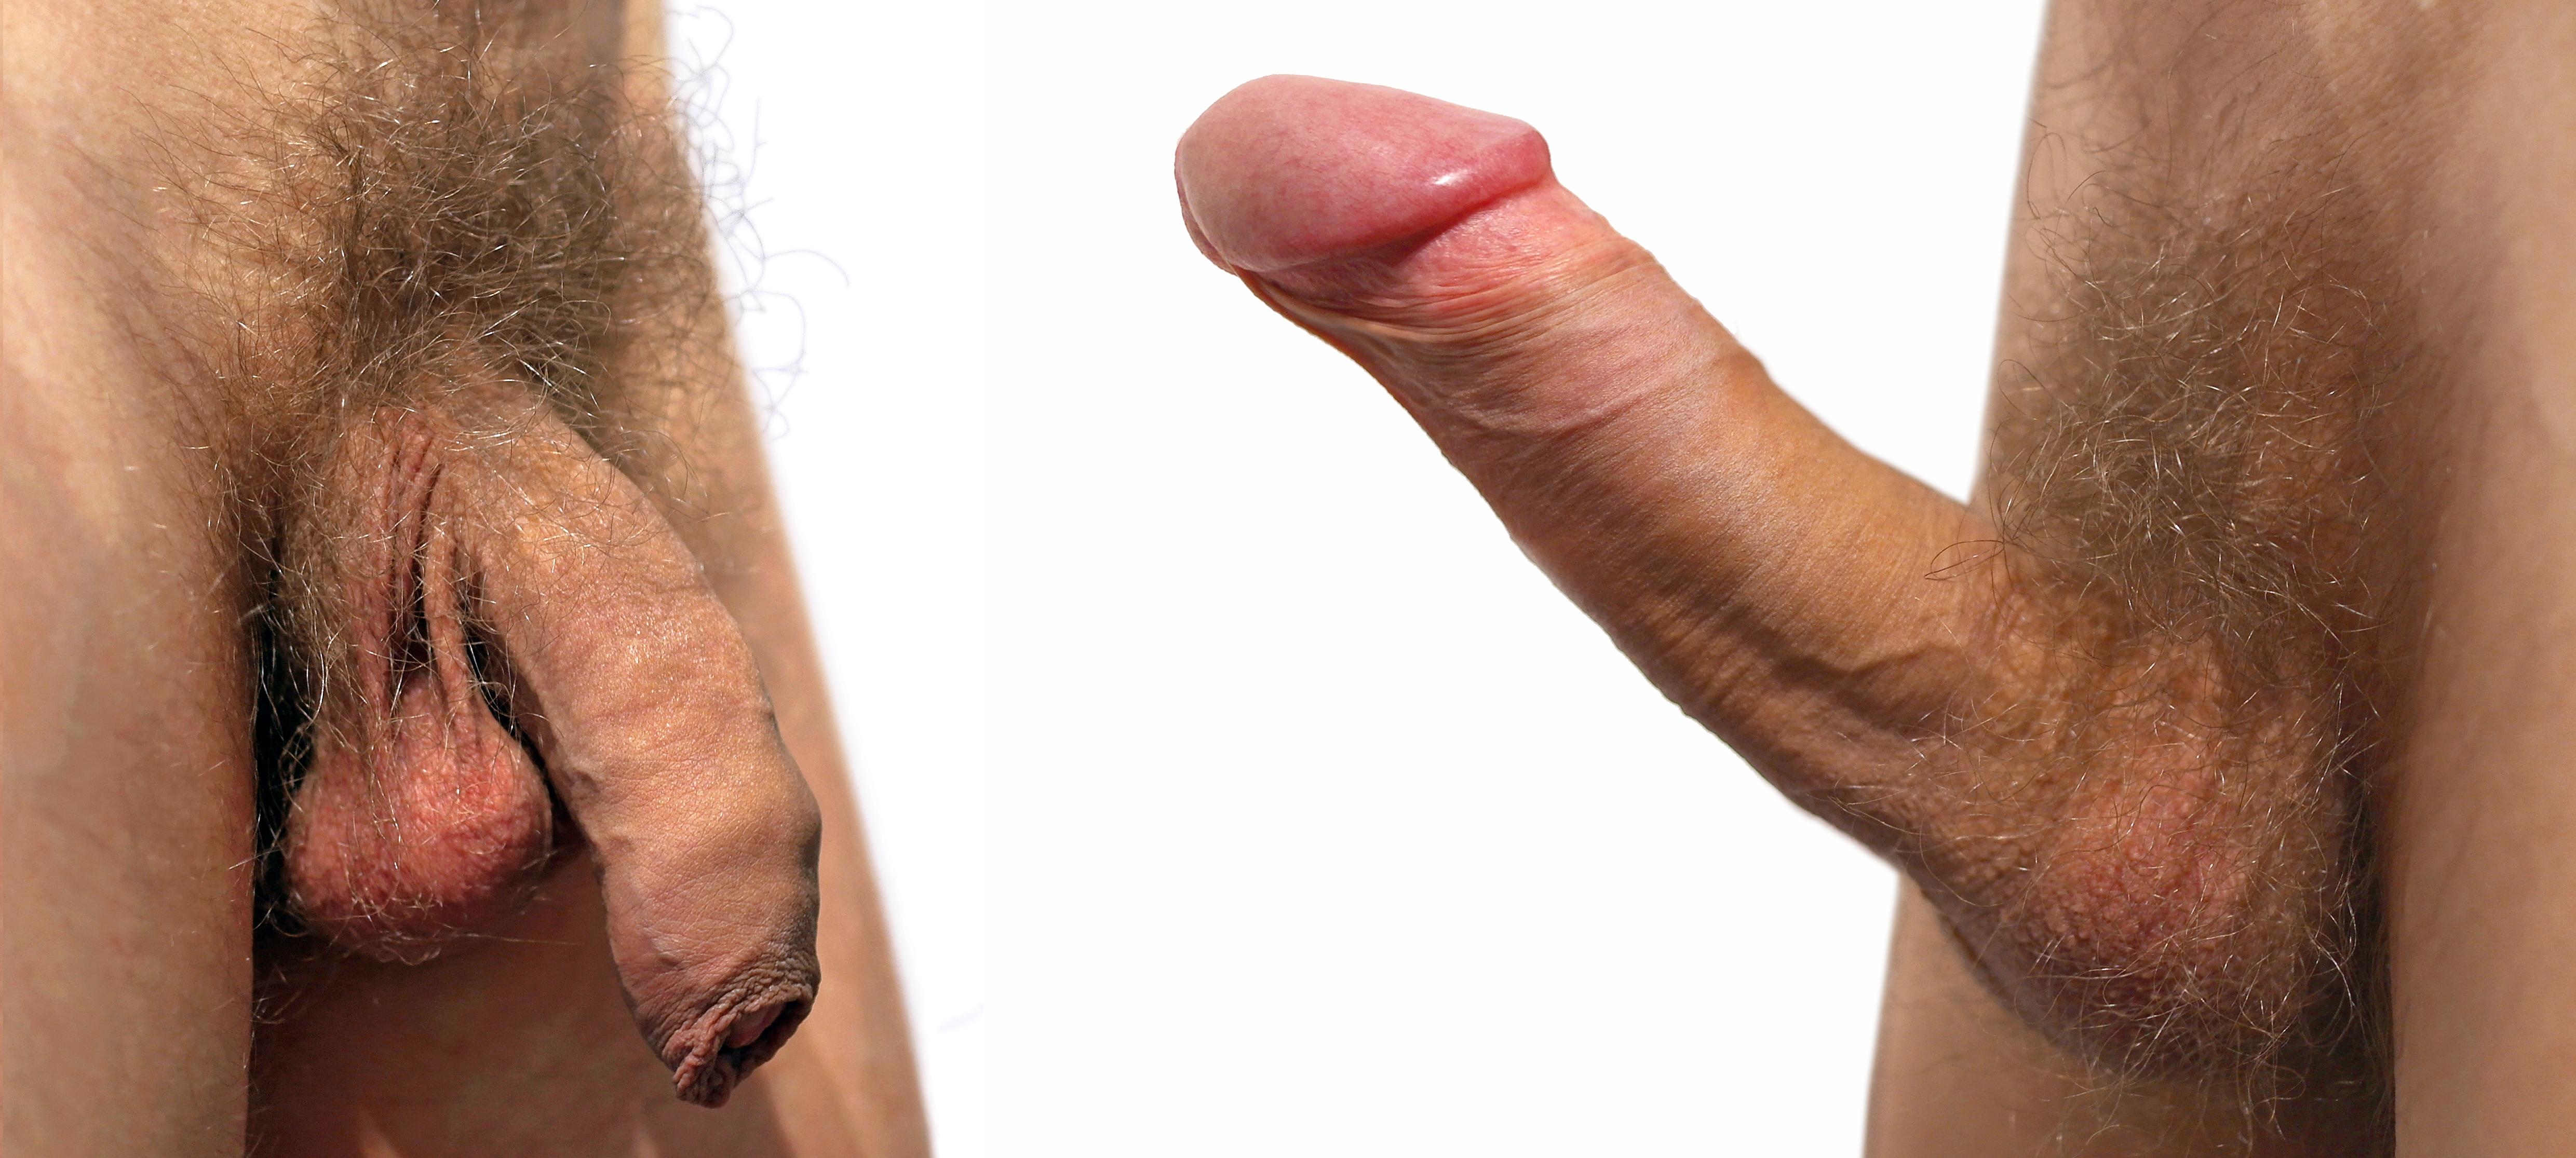 Penis bitte zeigen bild big